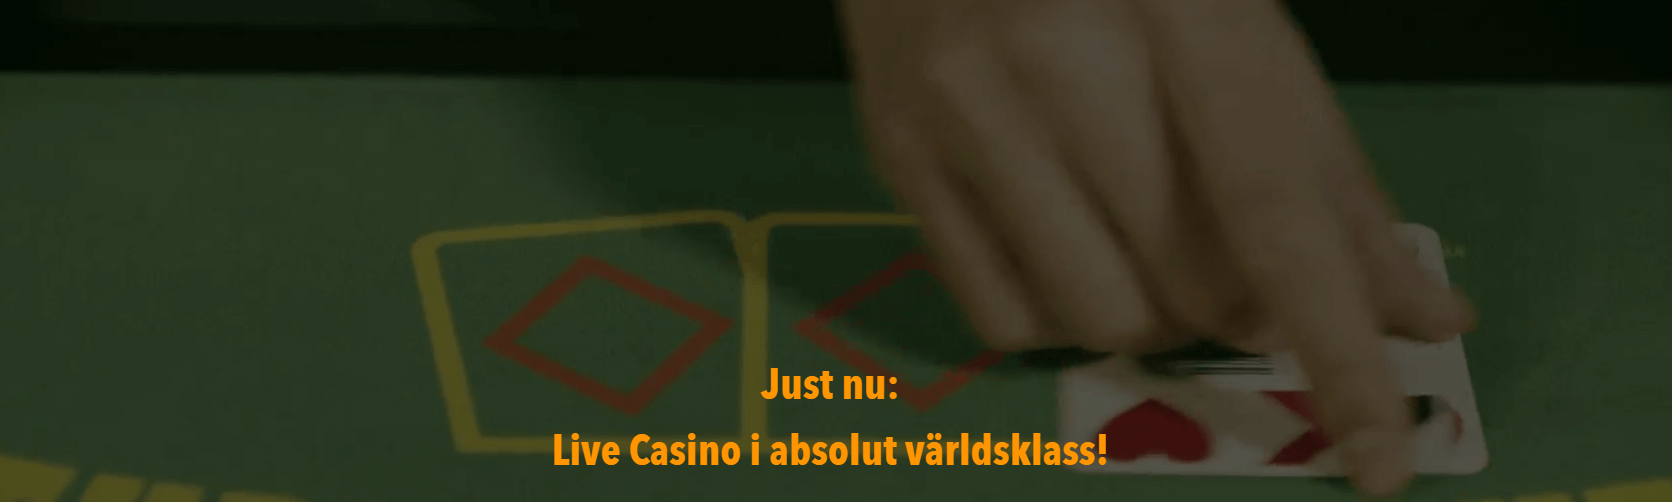 Codeta casino bonus och free spins online